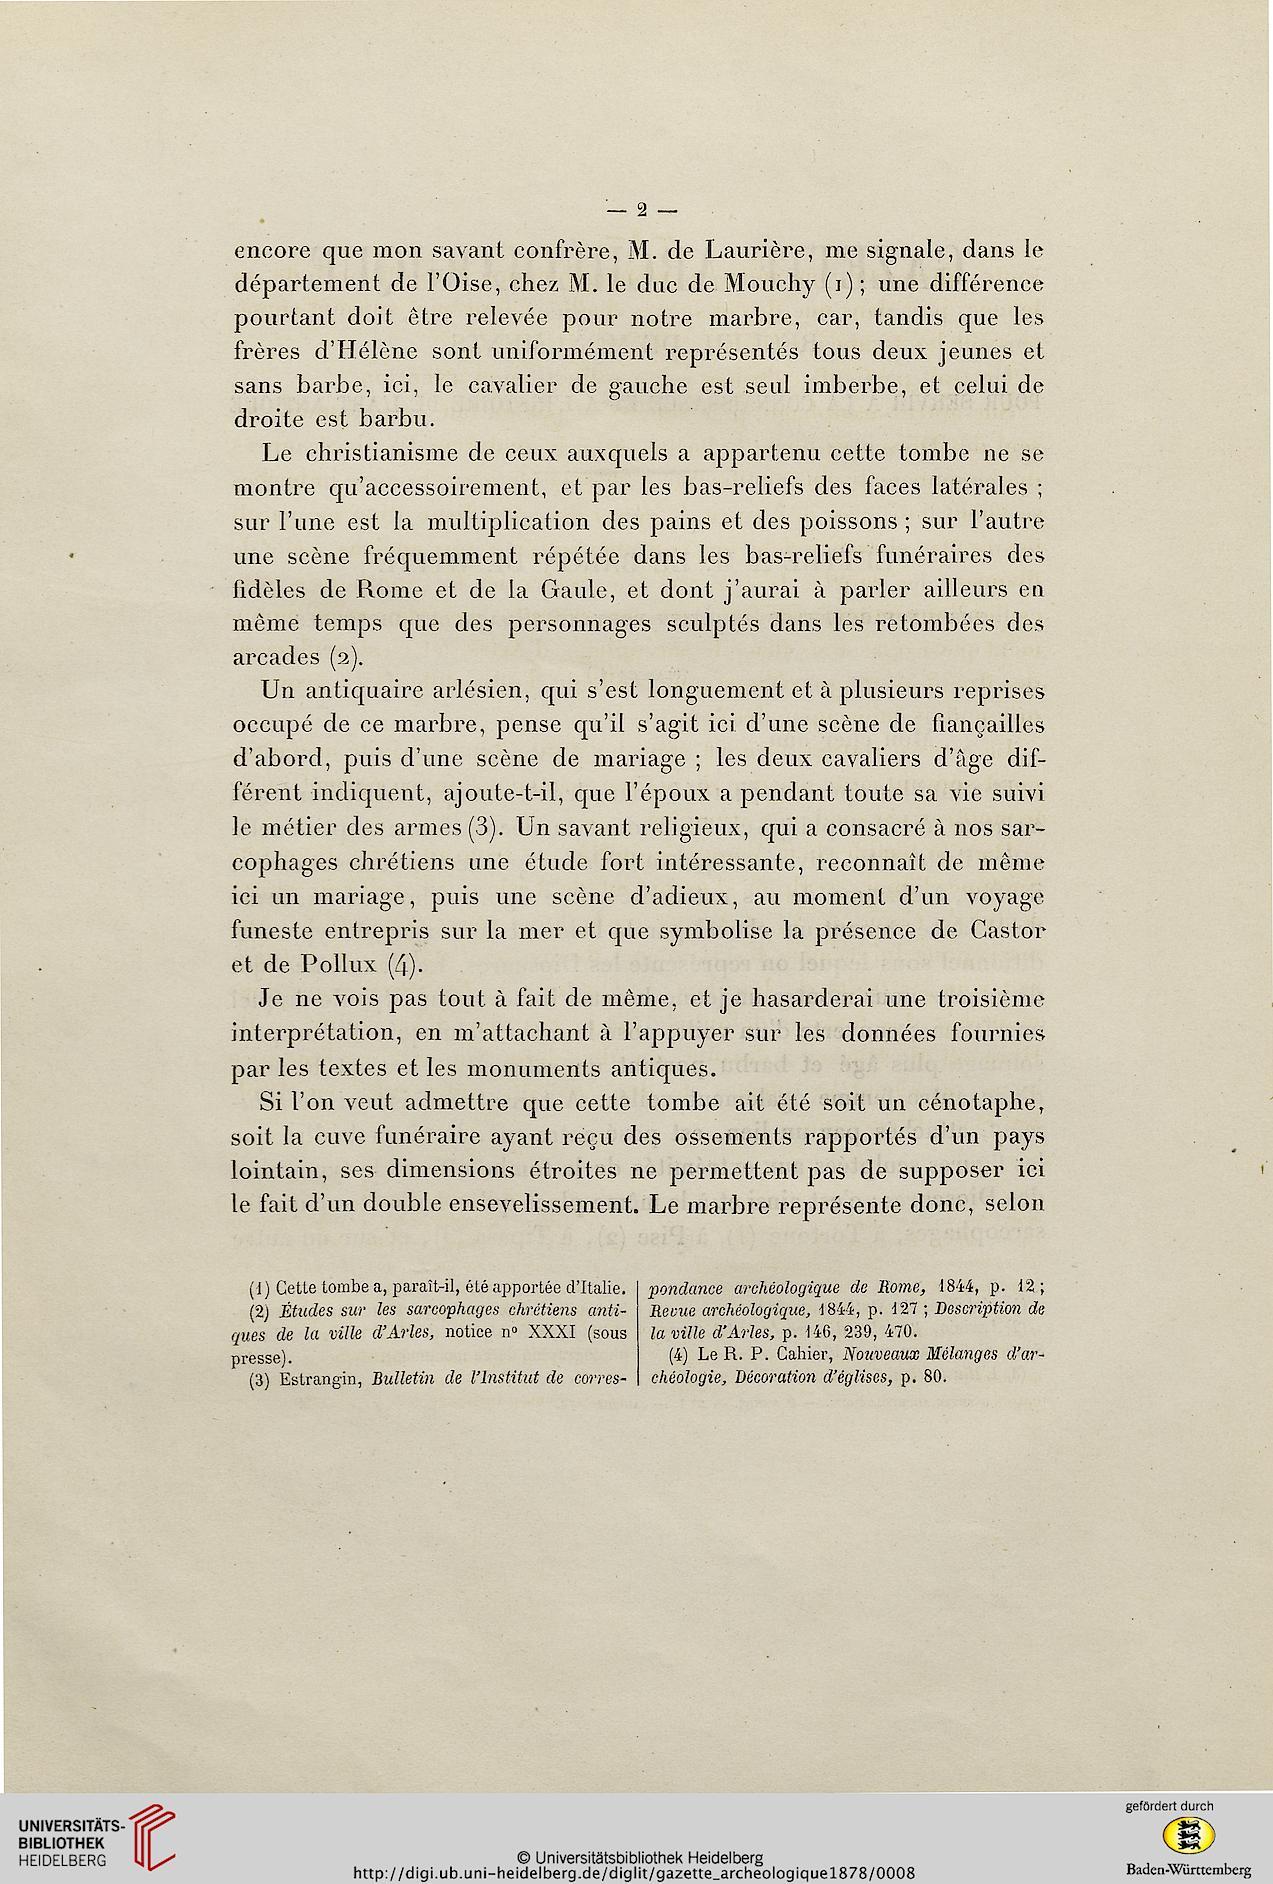 Gazette archéologique revue des Musées Nationaux 40.40